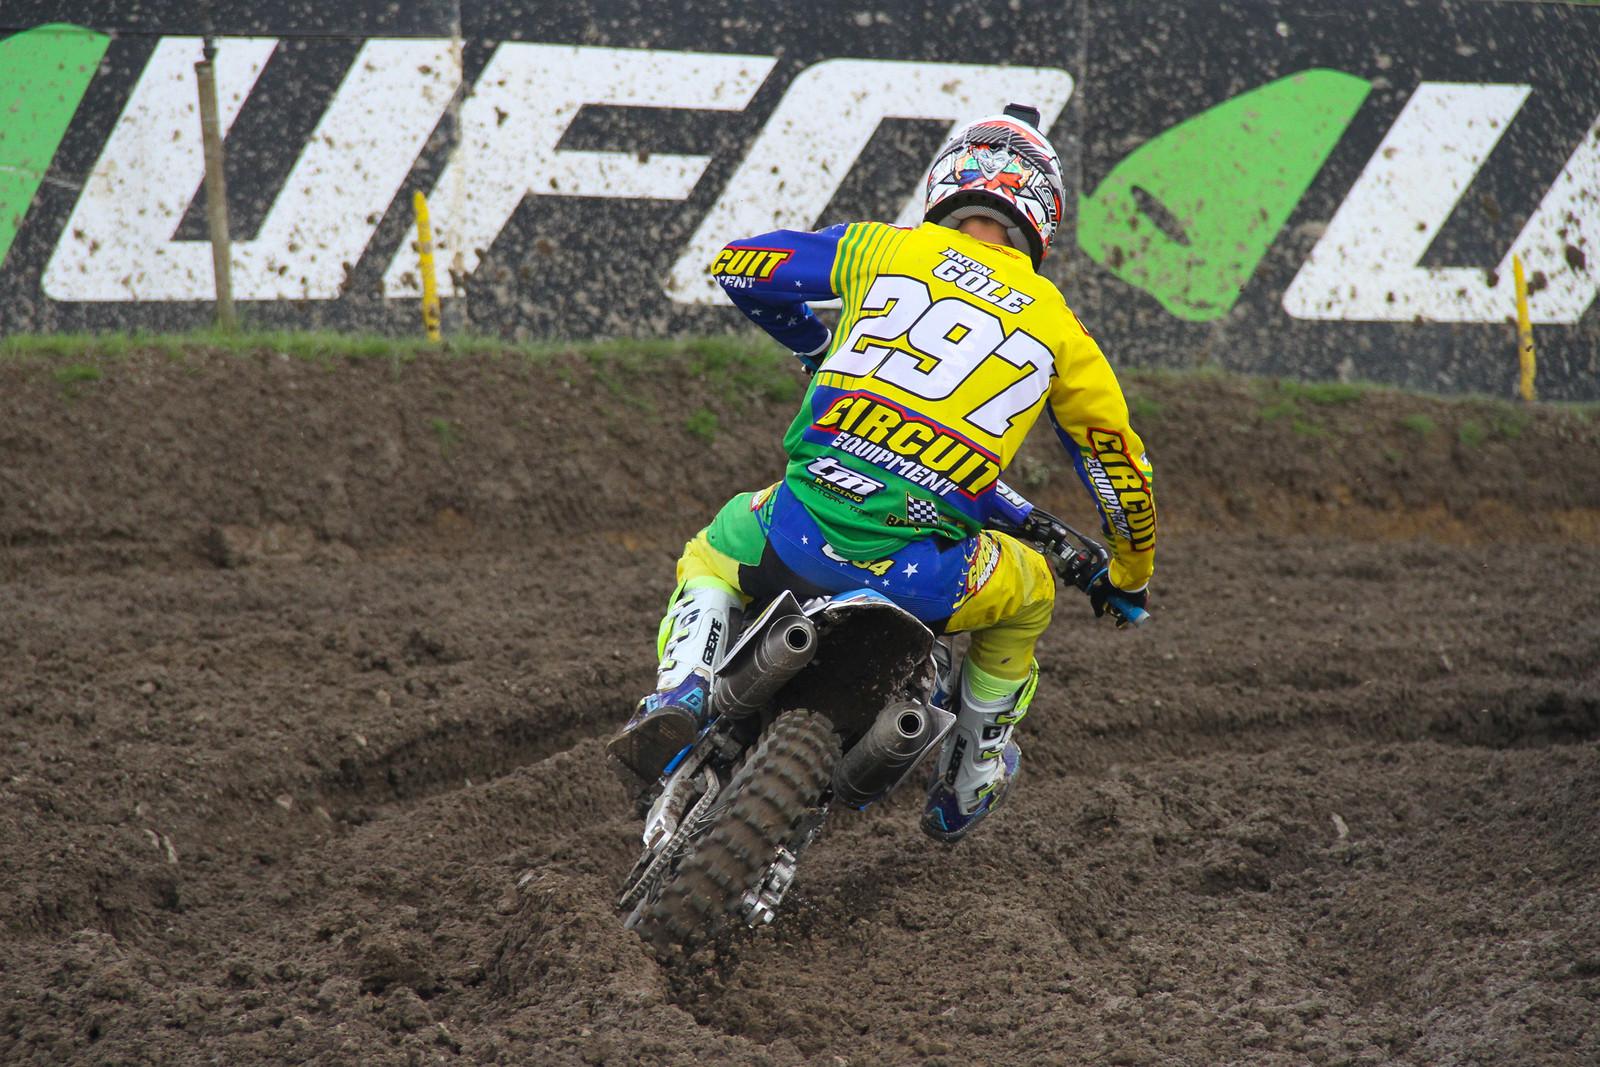 Anton Gole - ayearinmx - Motocross Pictures - Vital MX